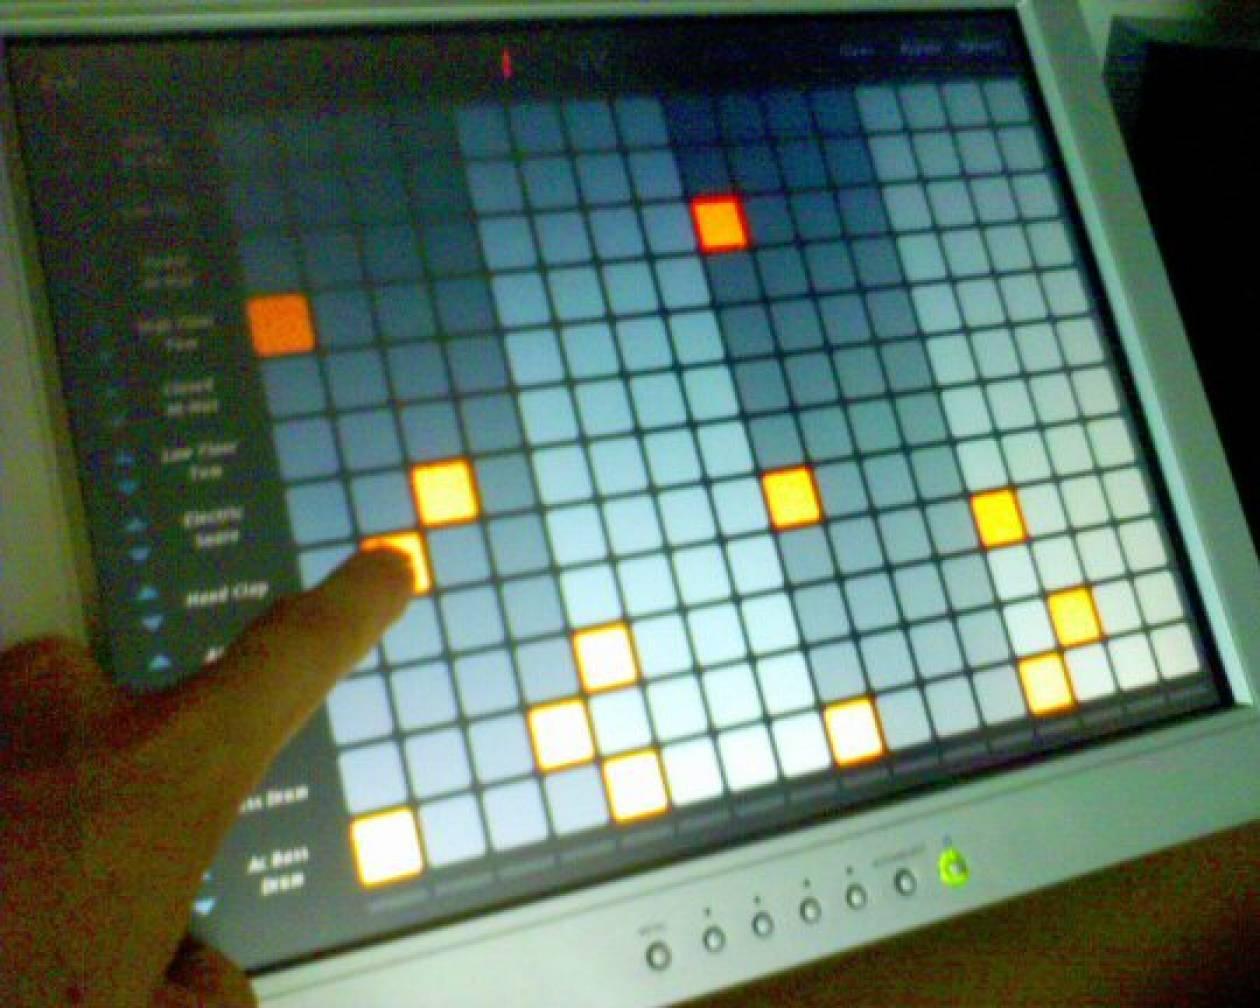 Οι ασθενείς με παραλυσία θα παίζουν μουσική στο μέλλον